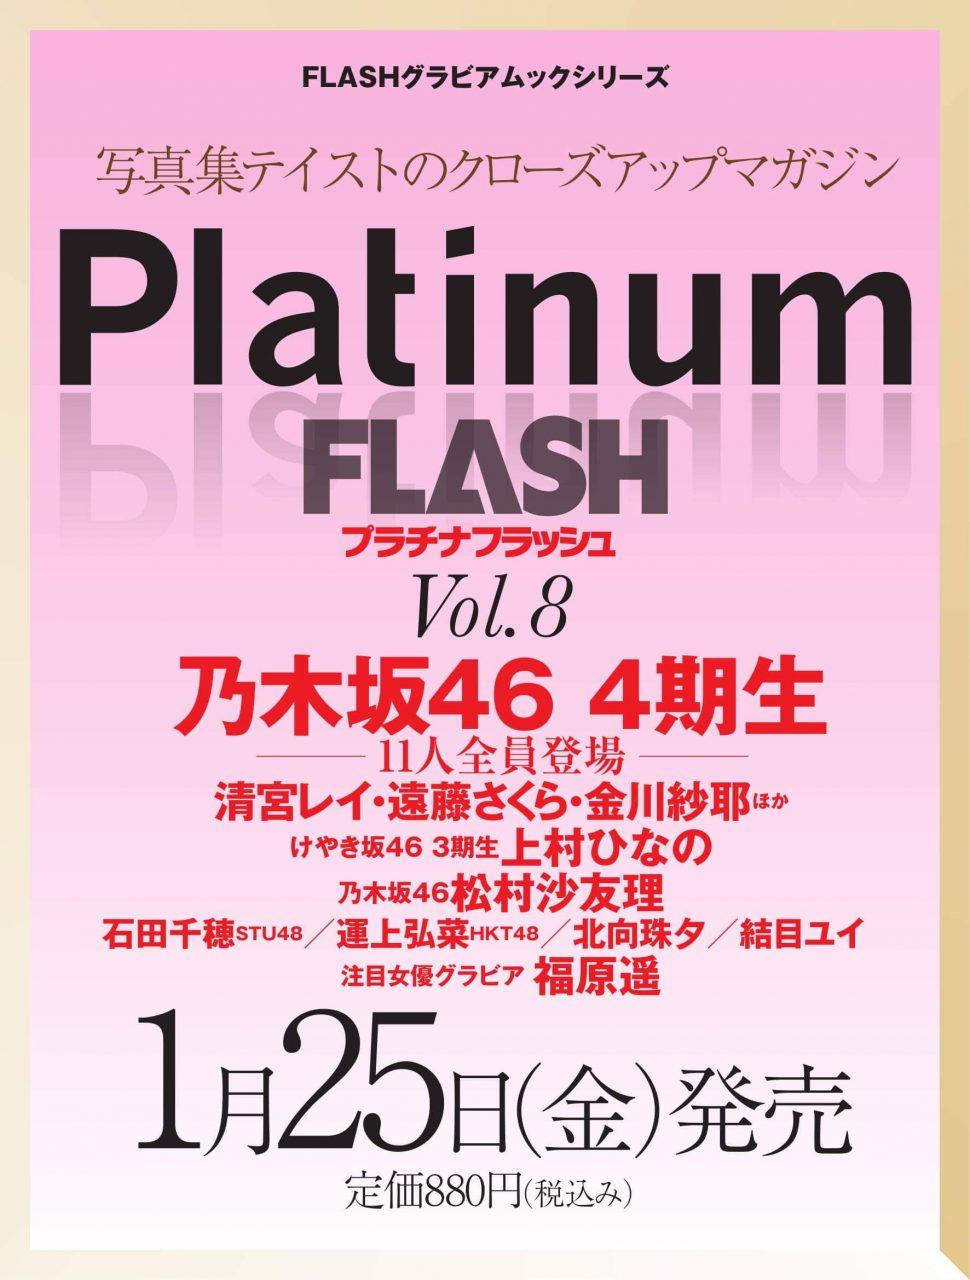 「Platinum FLASH vol.8」グラビア:STU48 石田千穂 / HKT48 運上弘菜 [1/25発売]